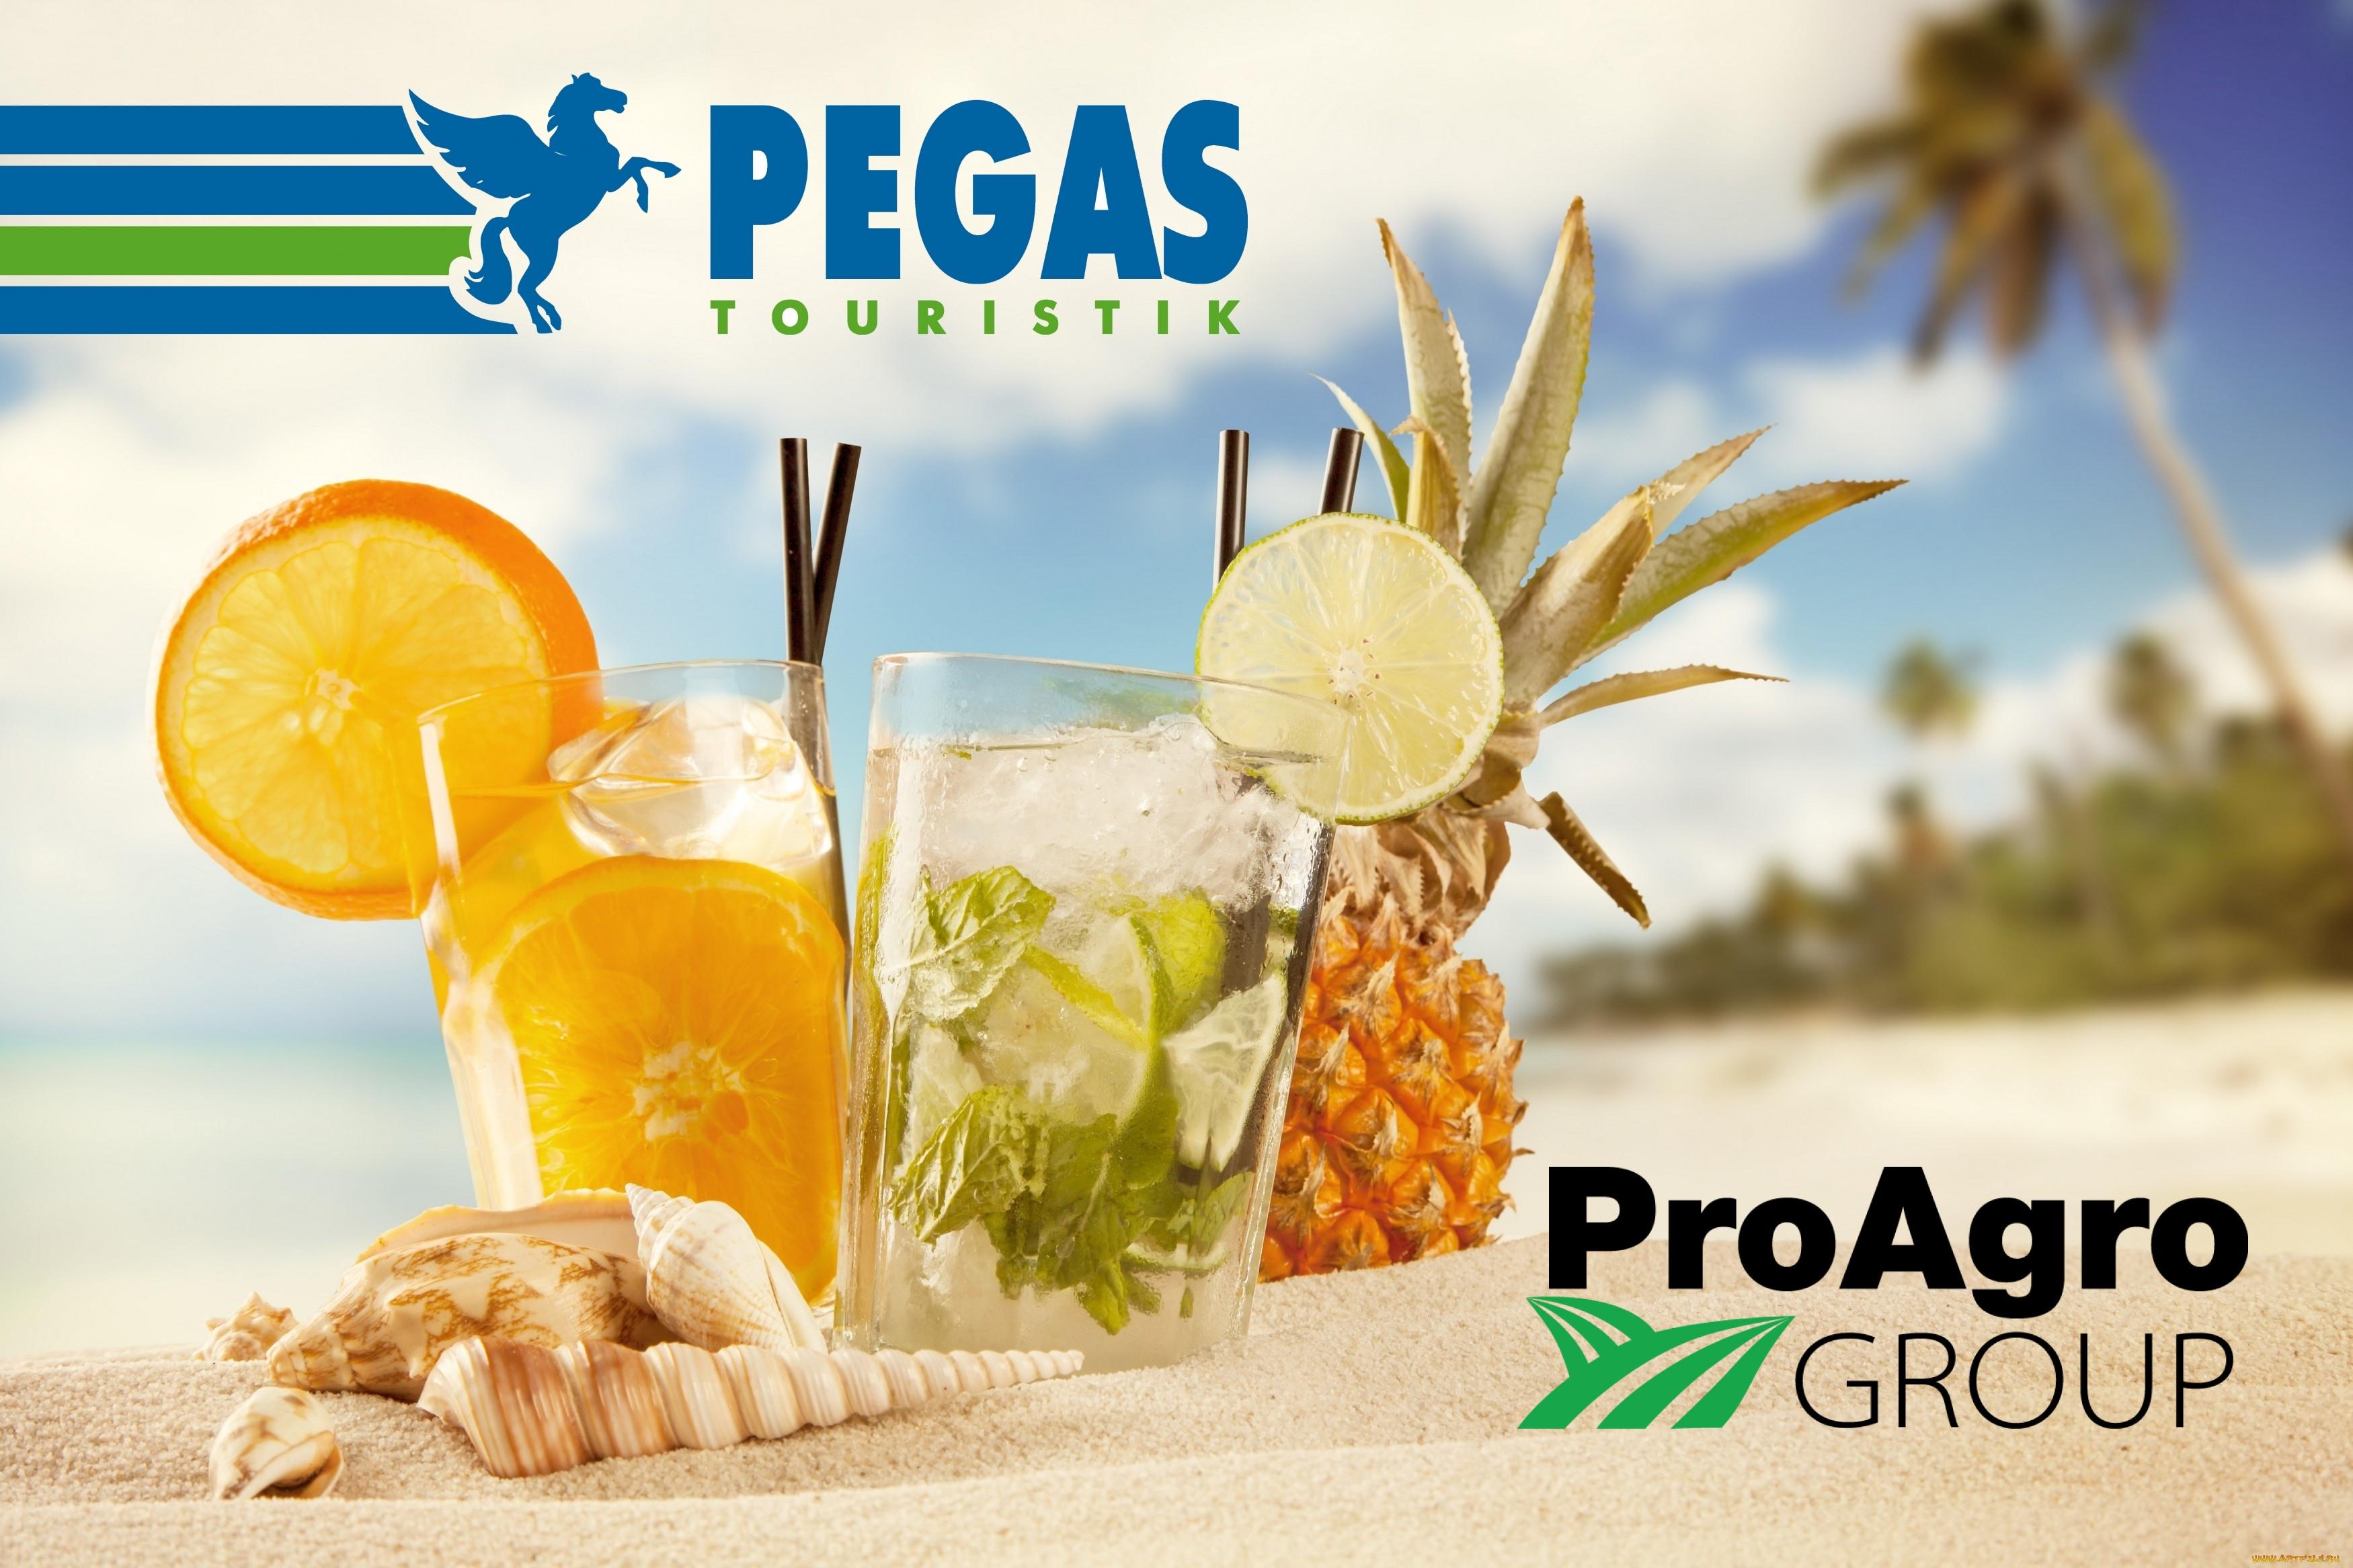 """На IV Форумі """"Агромаркетинг 2019"""" ProAgroGroup і Pegas Touristik Україна розгірають VIP-подорож на двох до Туреччини"""